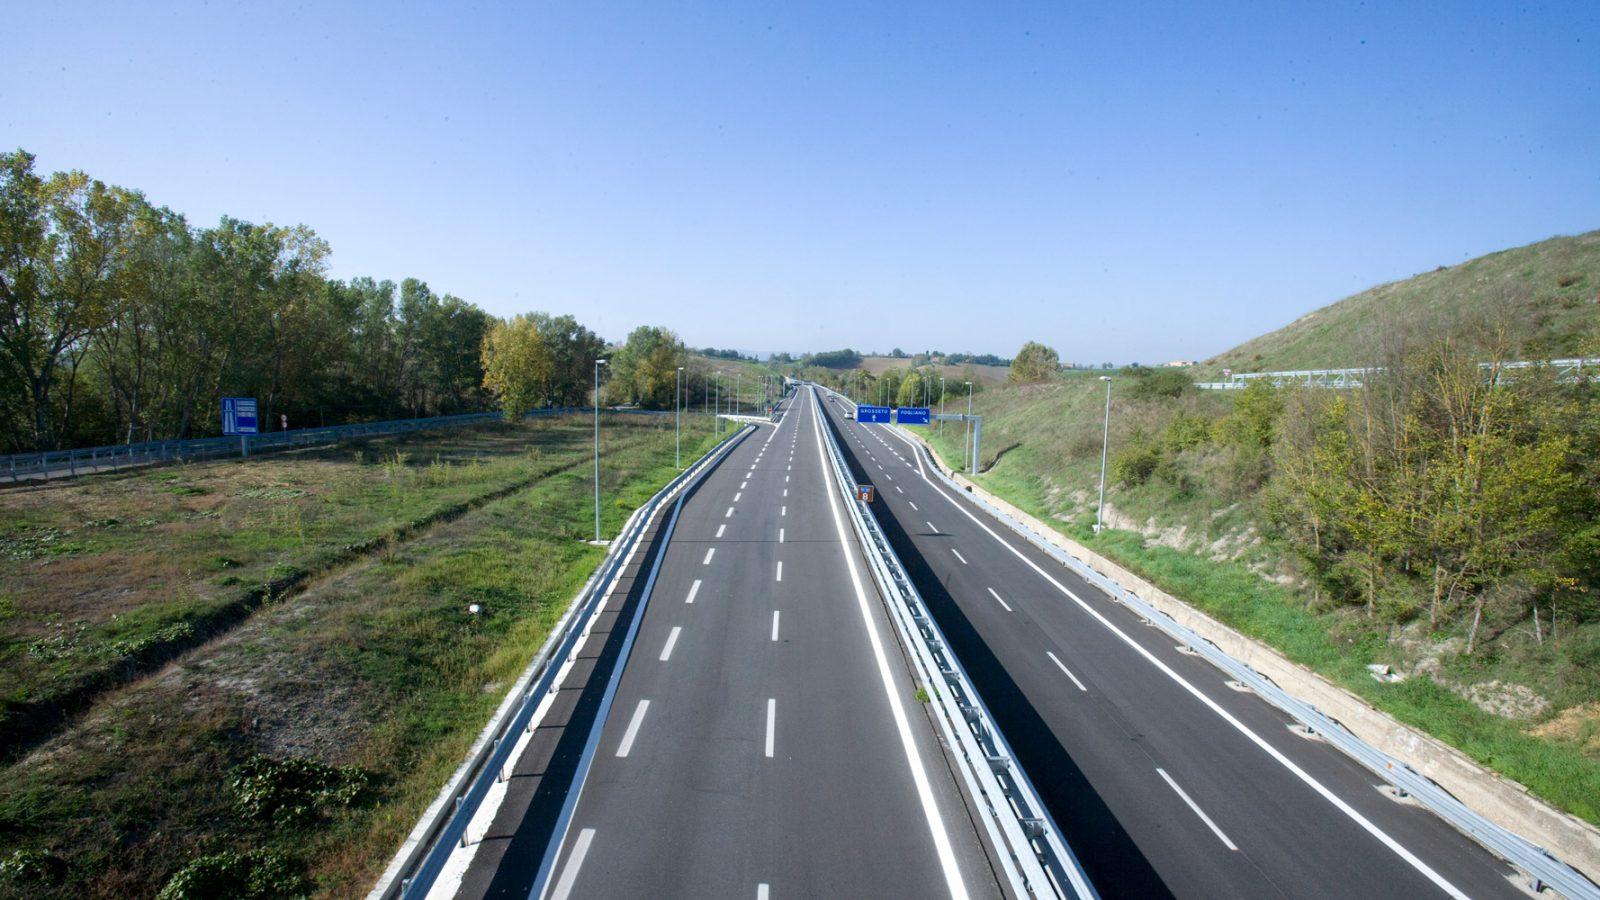 """Toscana, strada statale 223 """"di Paganico"""" (Itinerario E78 Grosseto-Fano), svincolo di Fogliano (Archivio storico Anas)"""